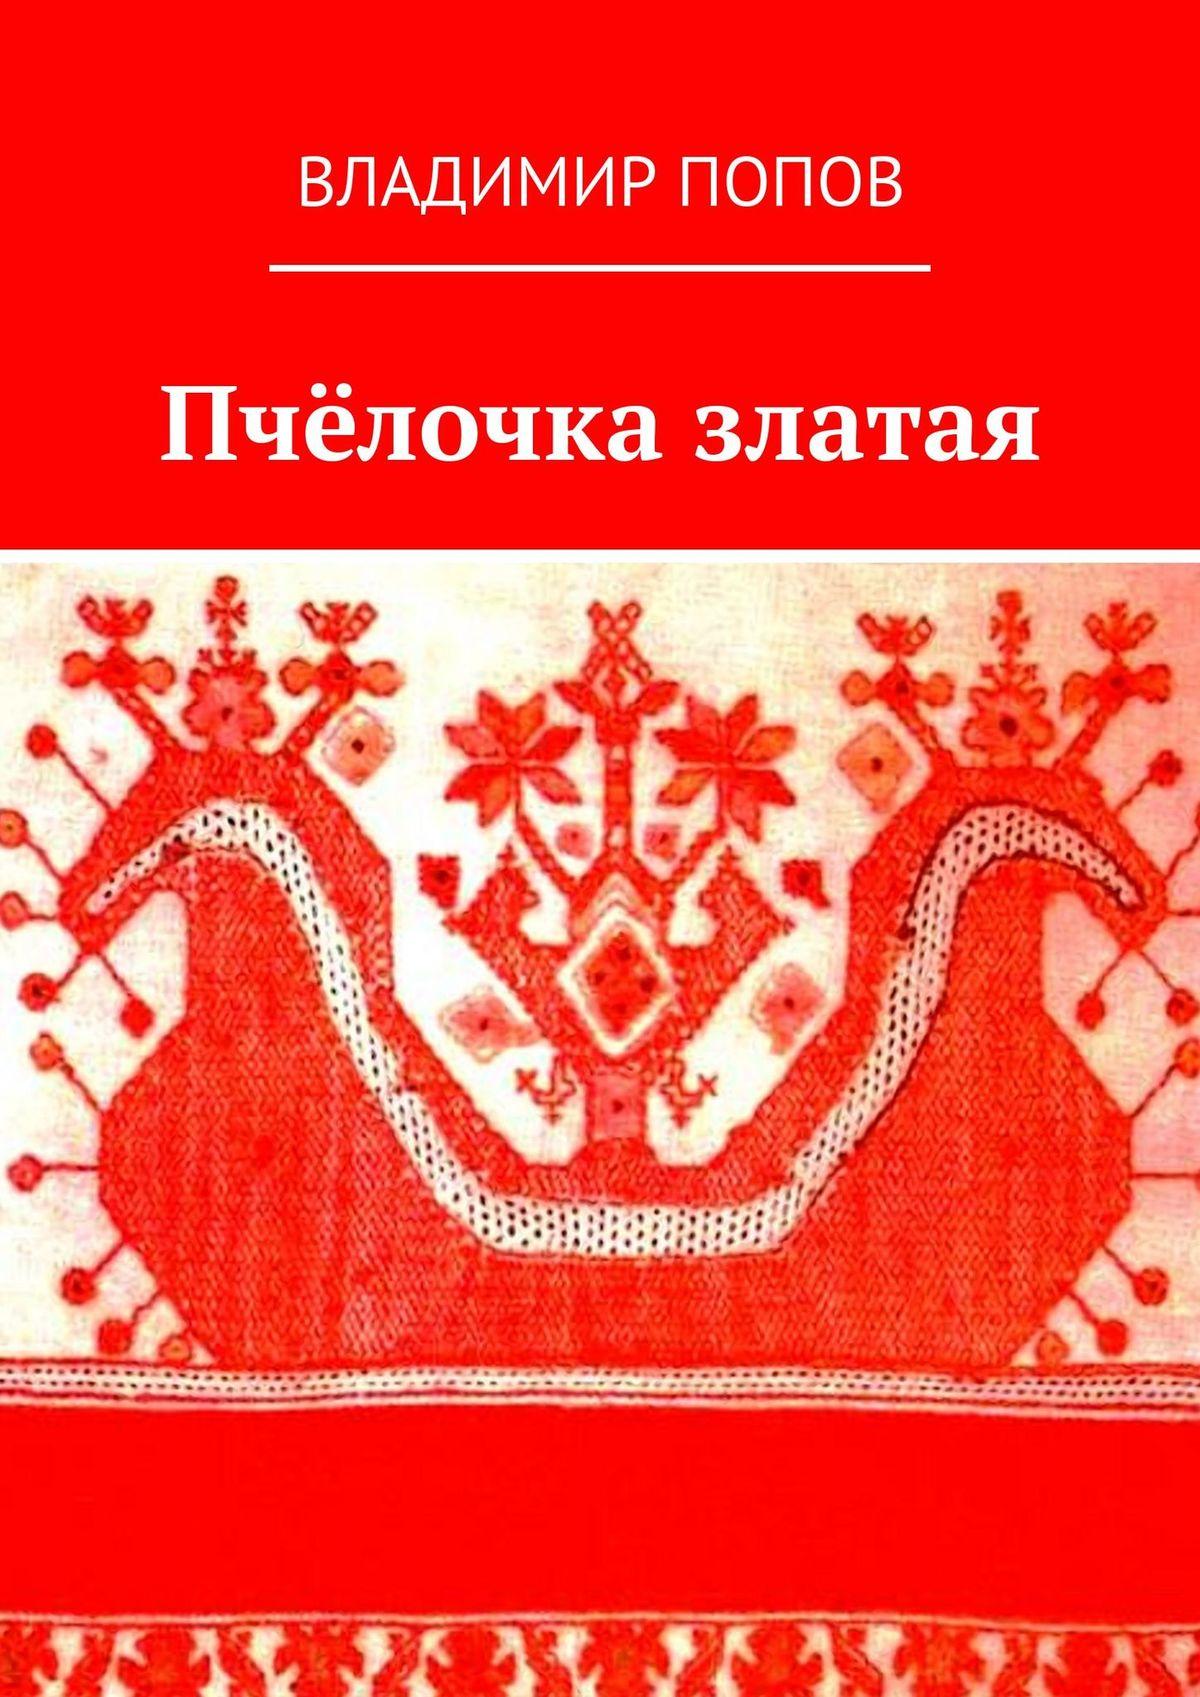 Владимир Попов Пчёлочка златая. Фольклорная тетрадь